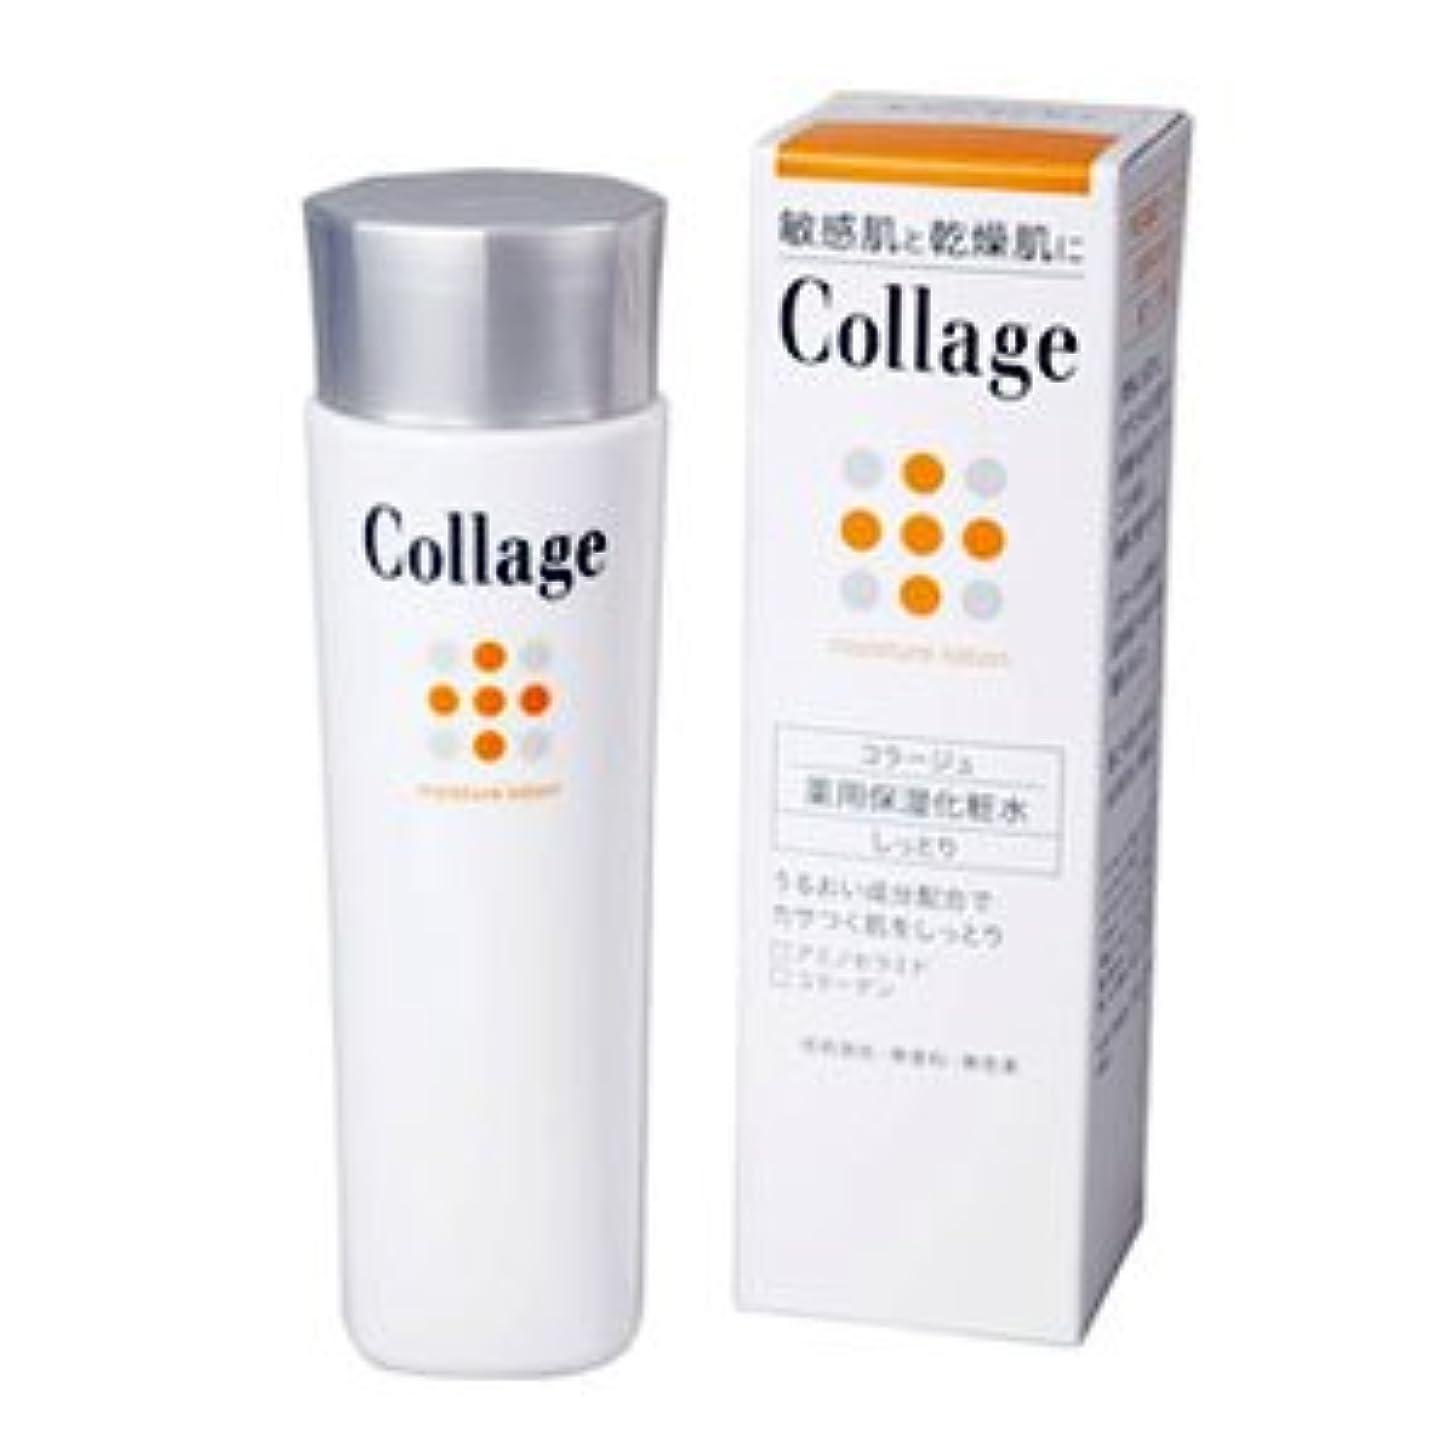 商人マウンド関与するコラージュ 薬用保湿化粧水 しっとり 120ml×2 【持田ヘルスケア】 3740